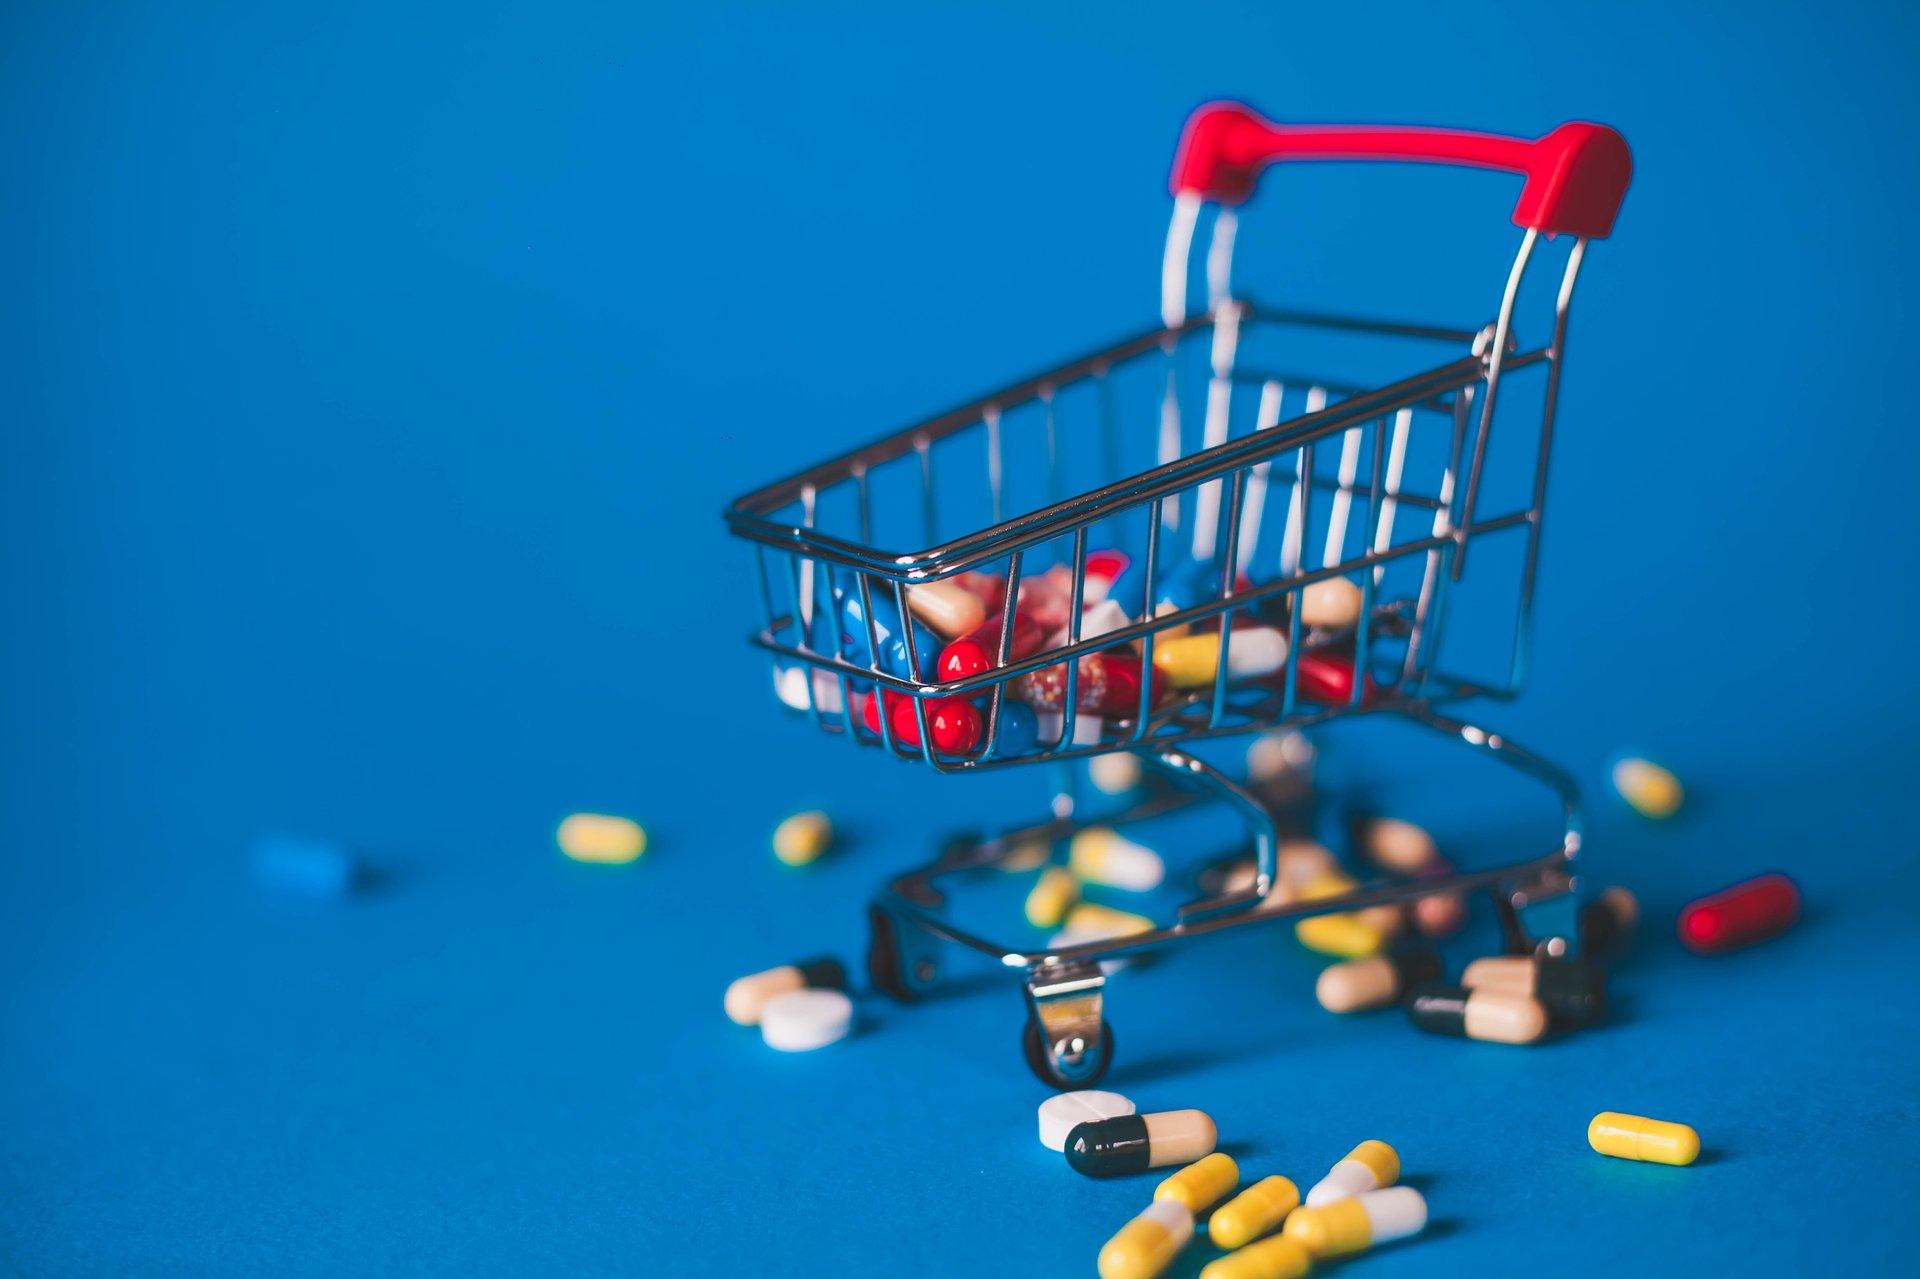 Z nadzieją w nowy rok. Raport Pex PharmaSequence